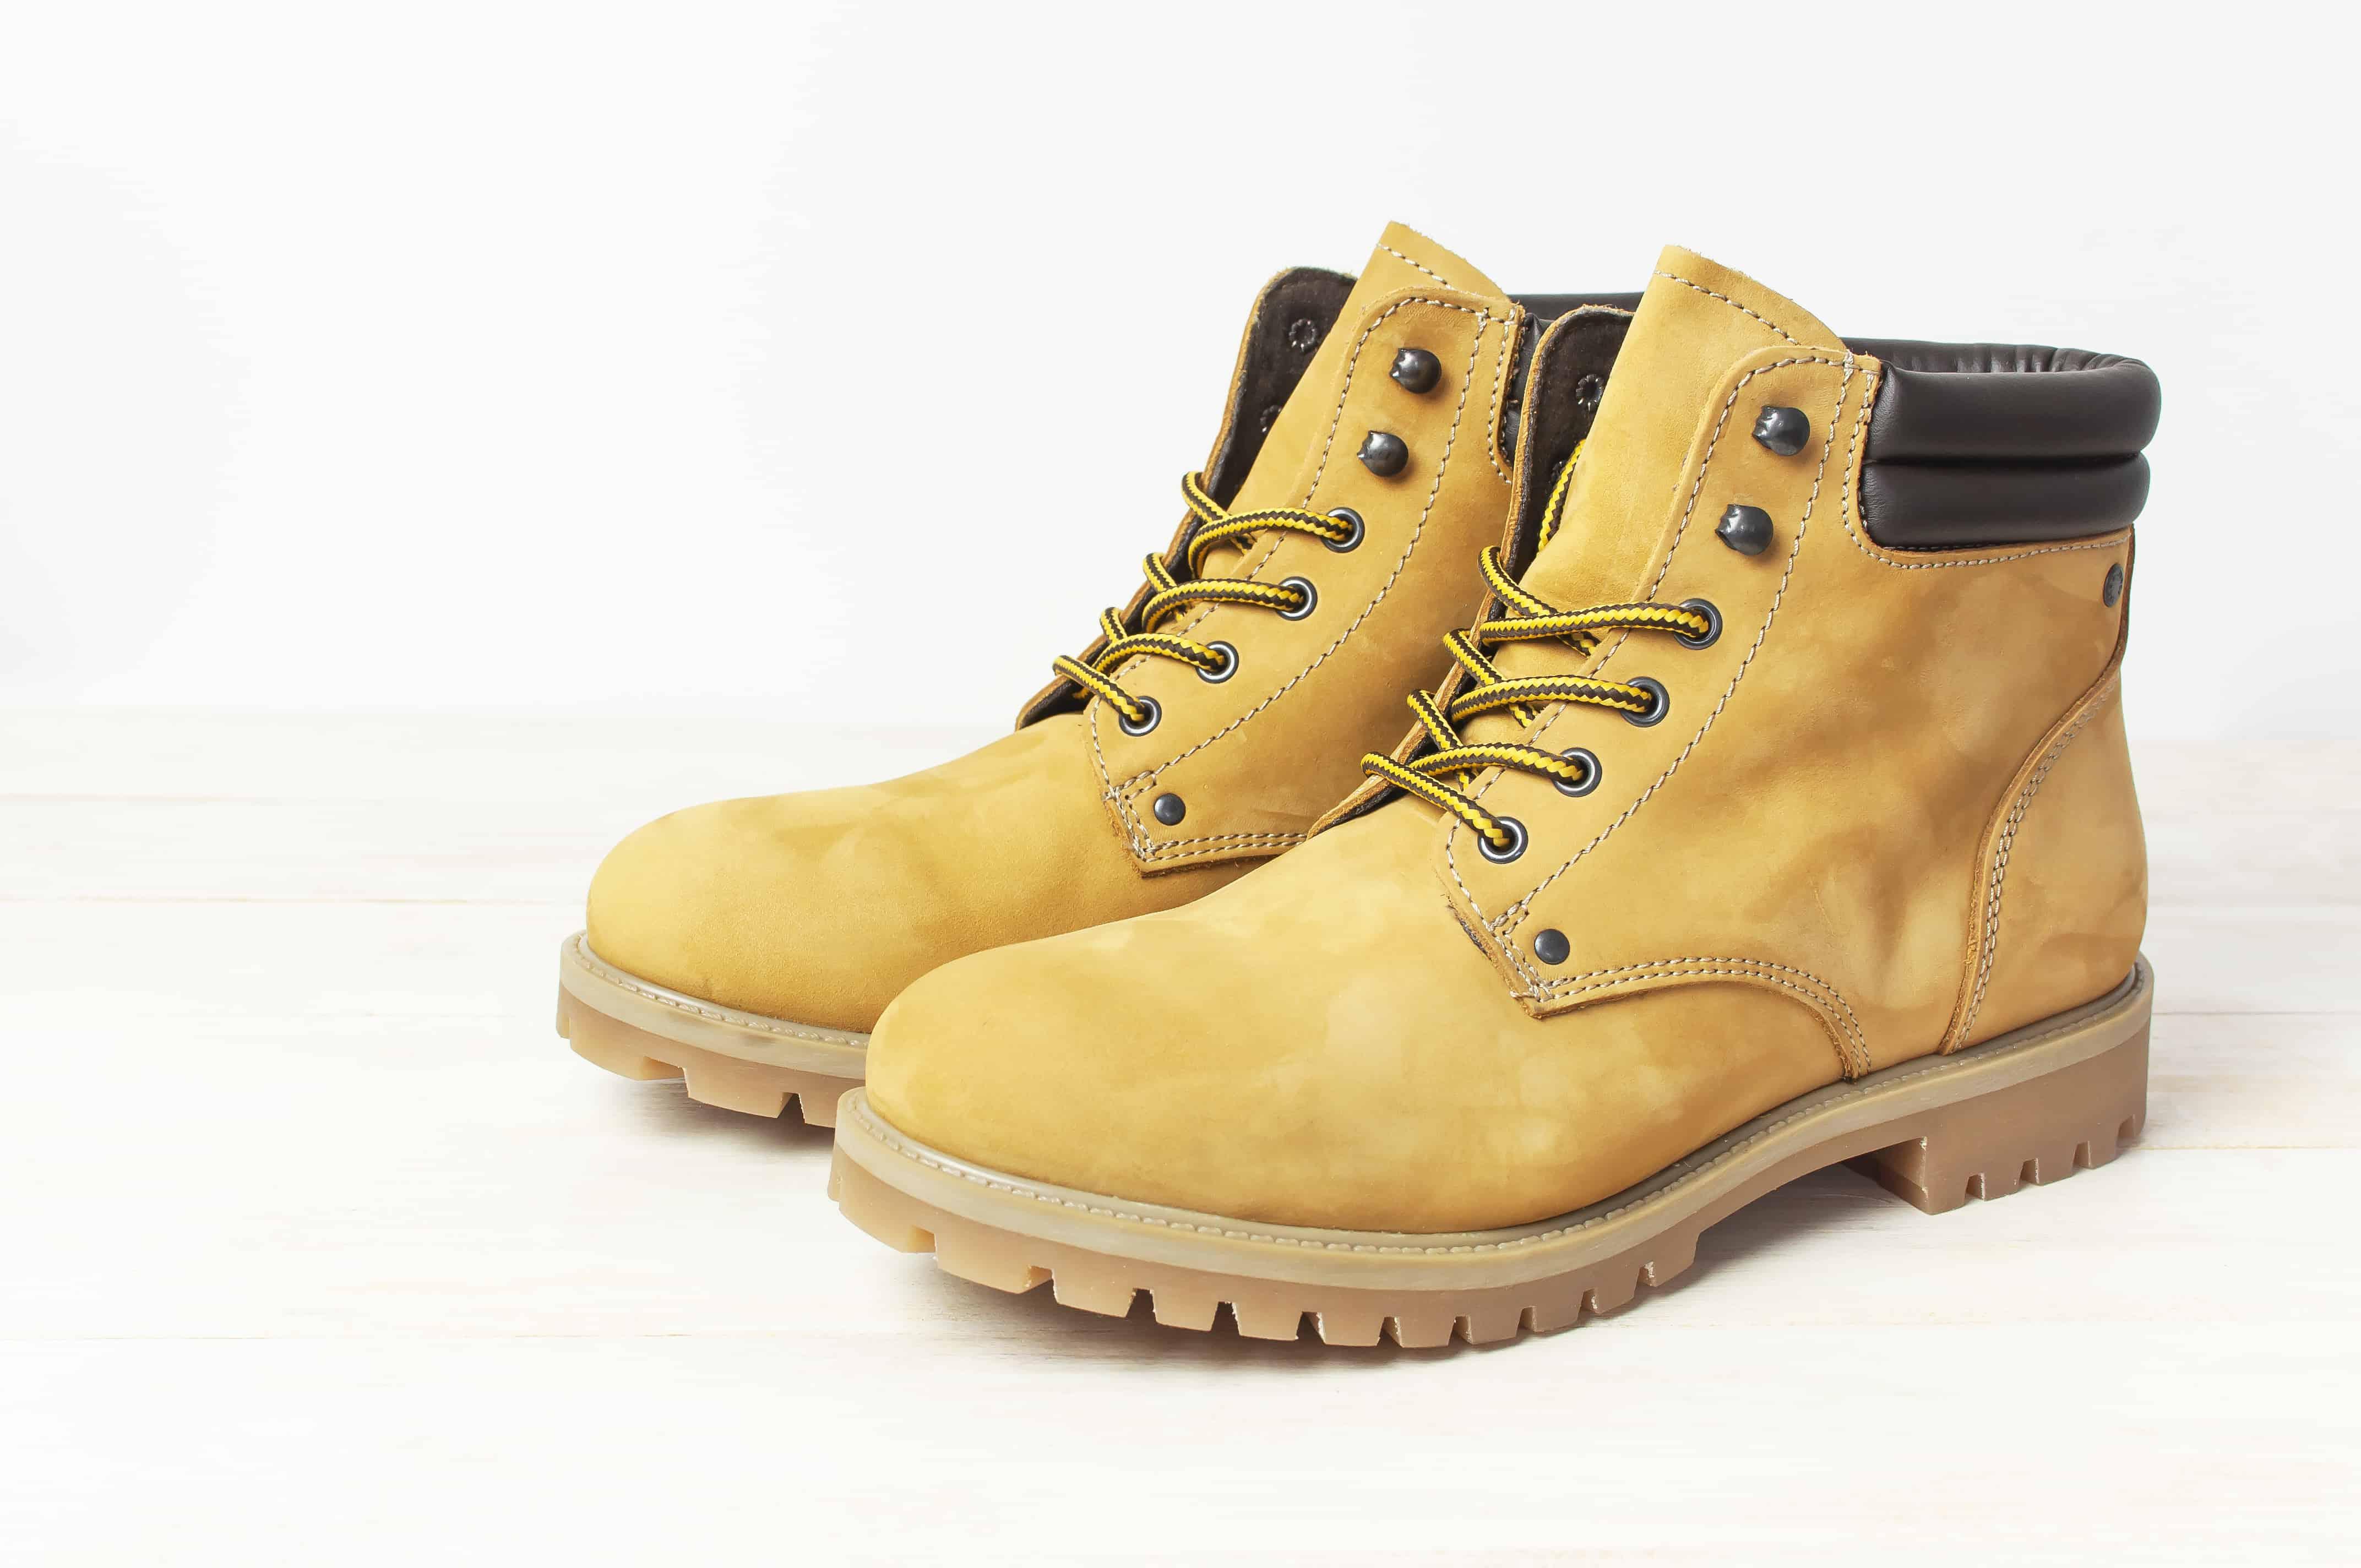 cf4a3fd2625 Zapatos de seguridad: ¿Cuáles son los mejores del 2019? | REVIEWBOX